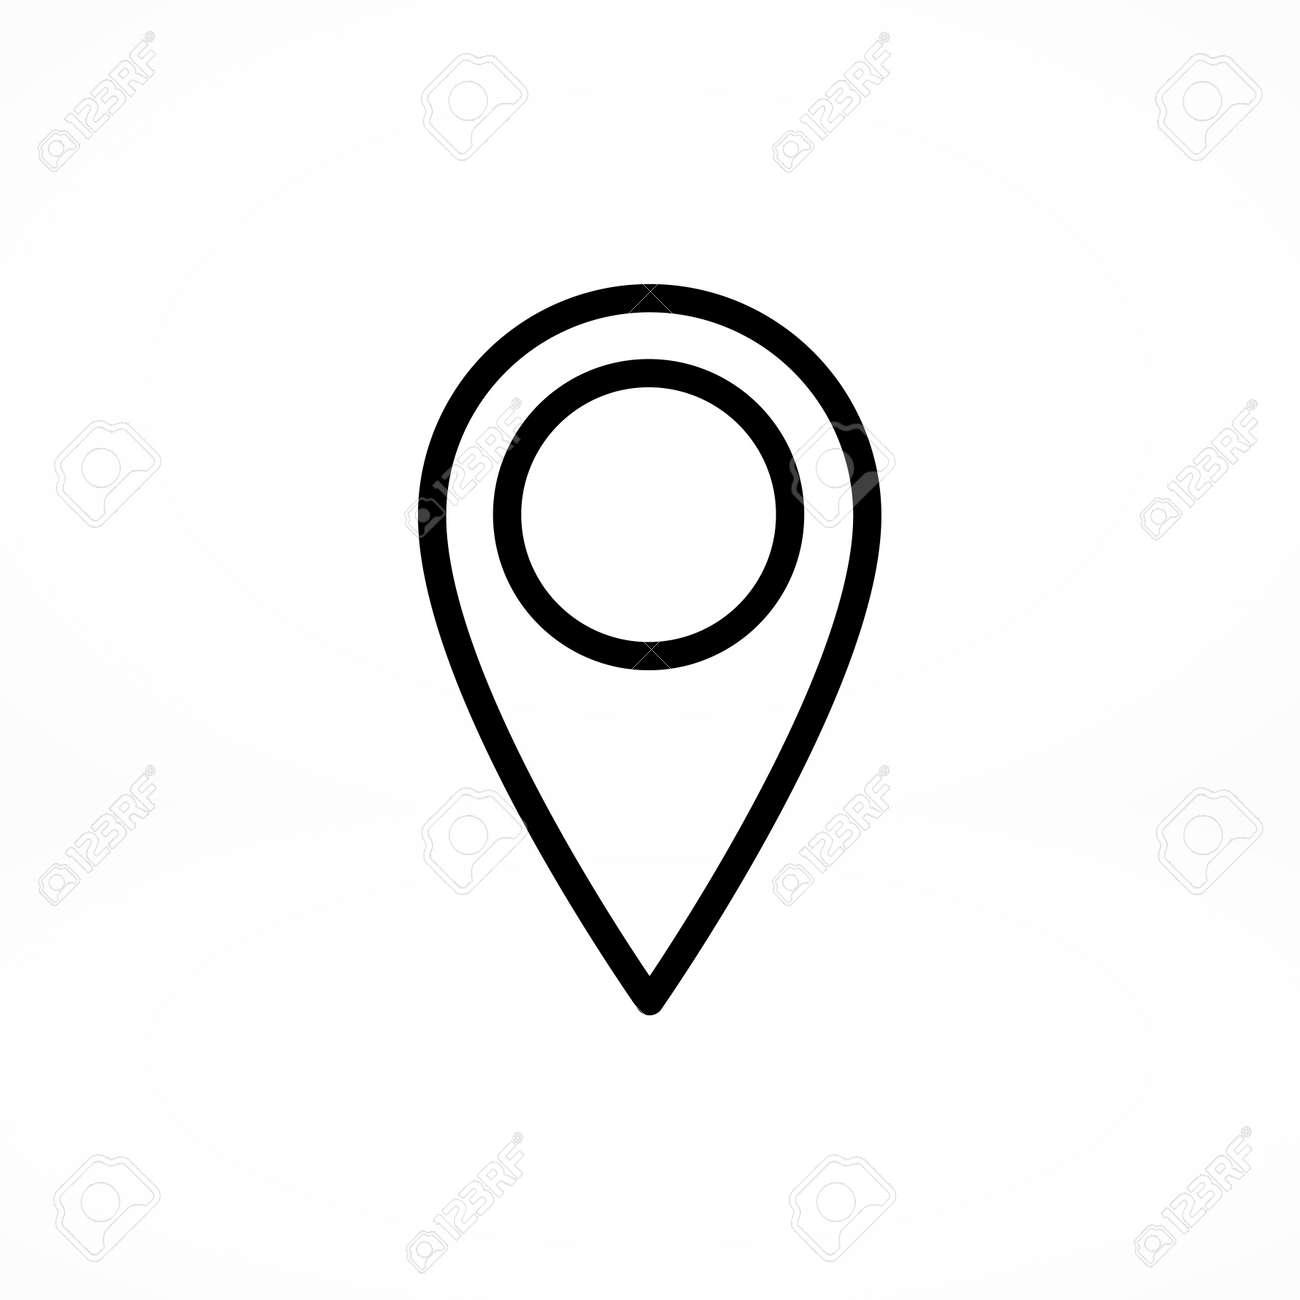 Icone Localisation icône de localisation clip art libres de droits , vecteurs et